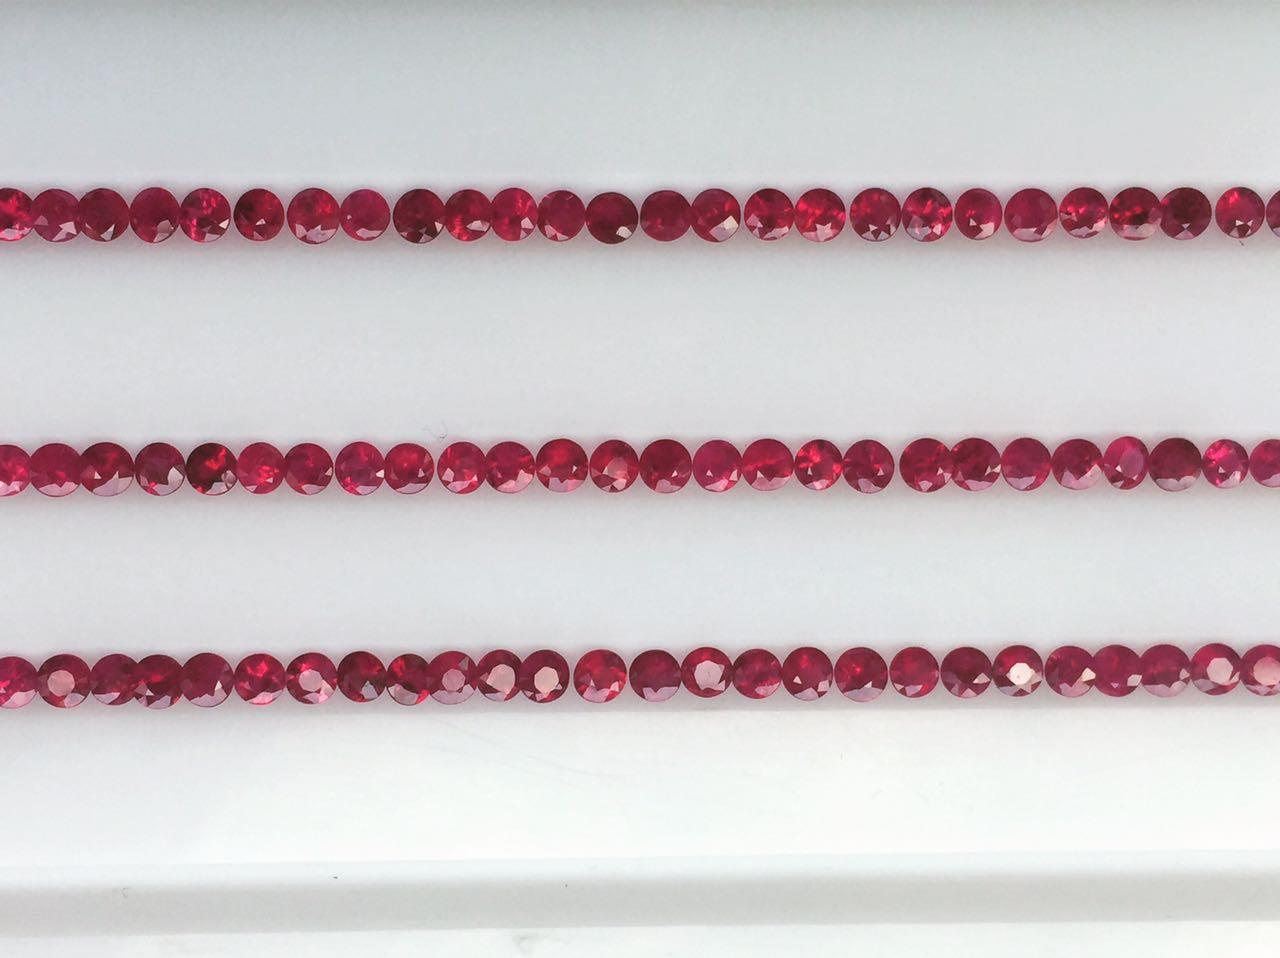 Ruby Precious Gemstones Bangkok